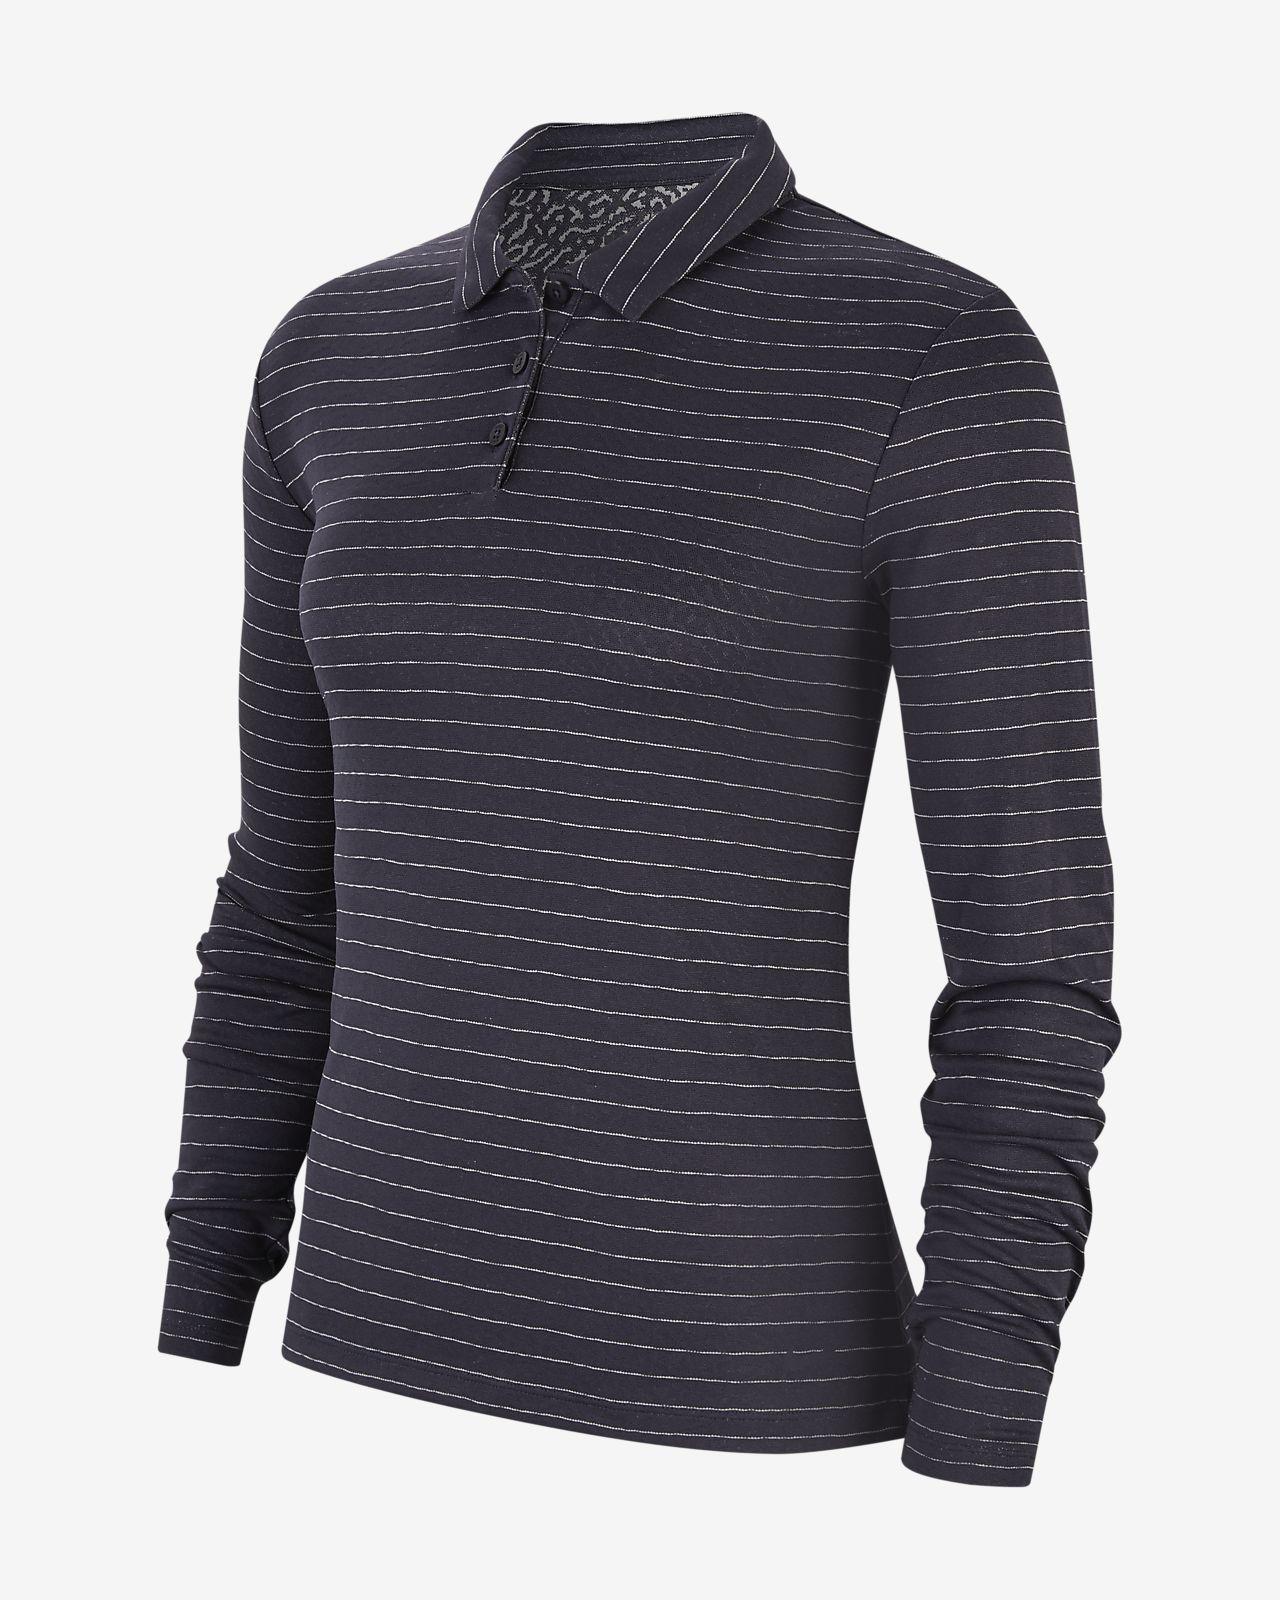 Женская рубашка-поло с длинным рукавом для гольфа Nike Dri-FIT